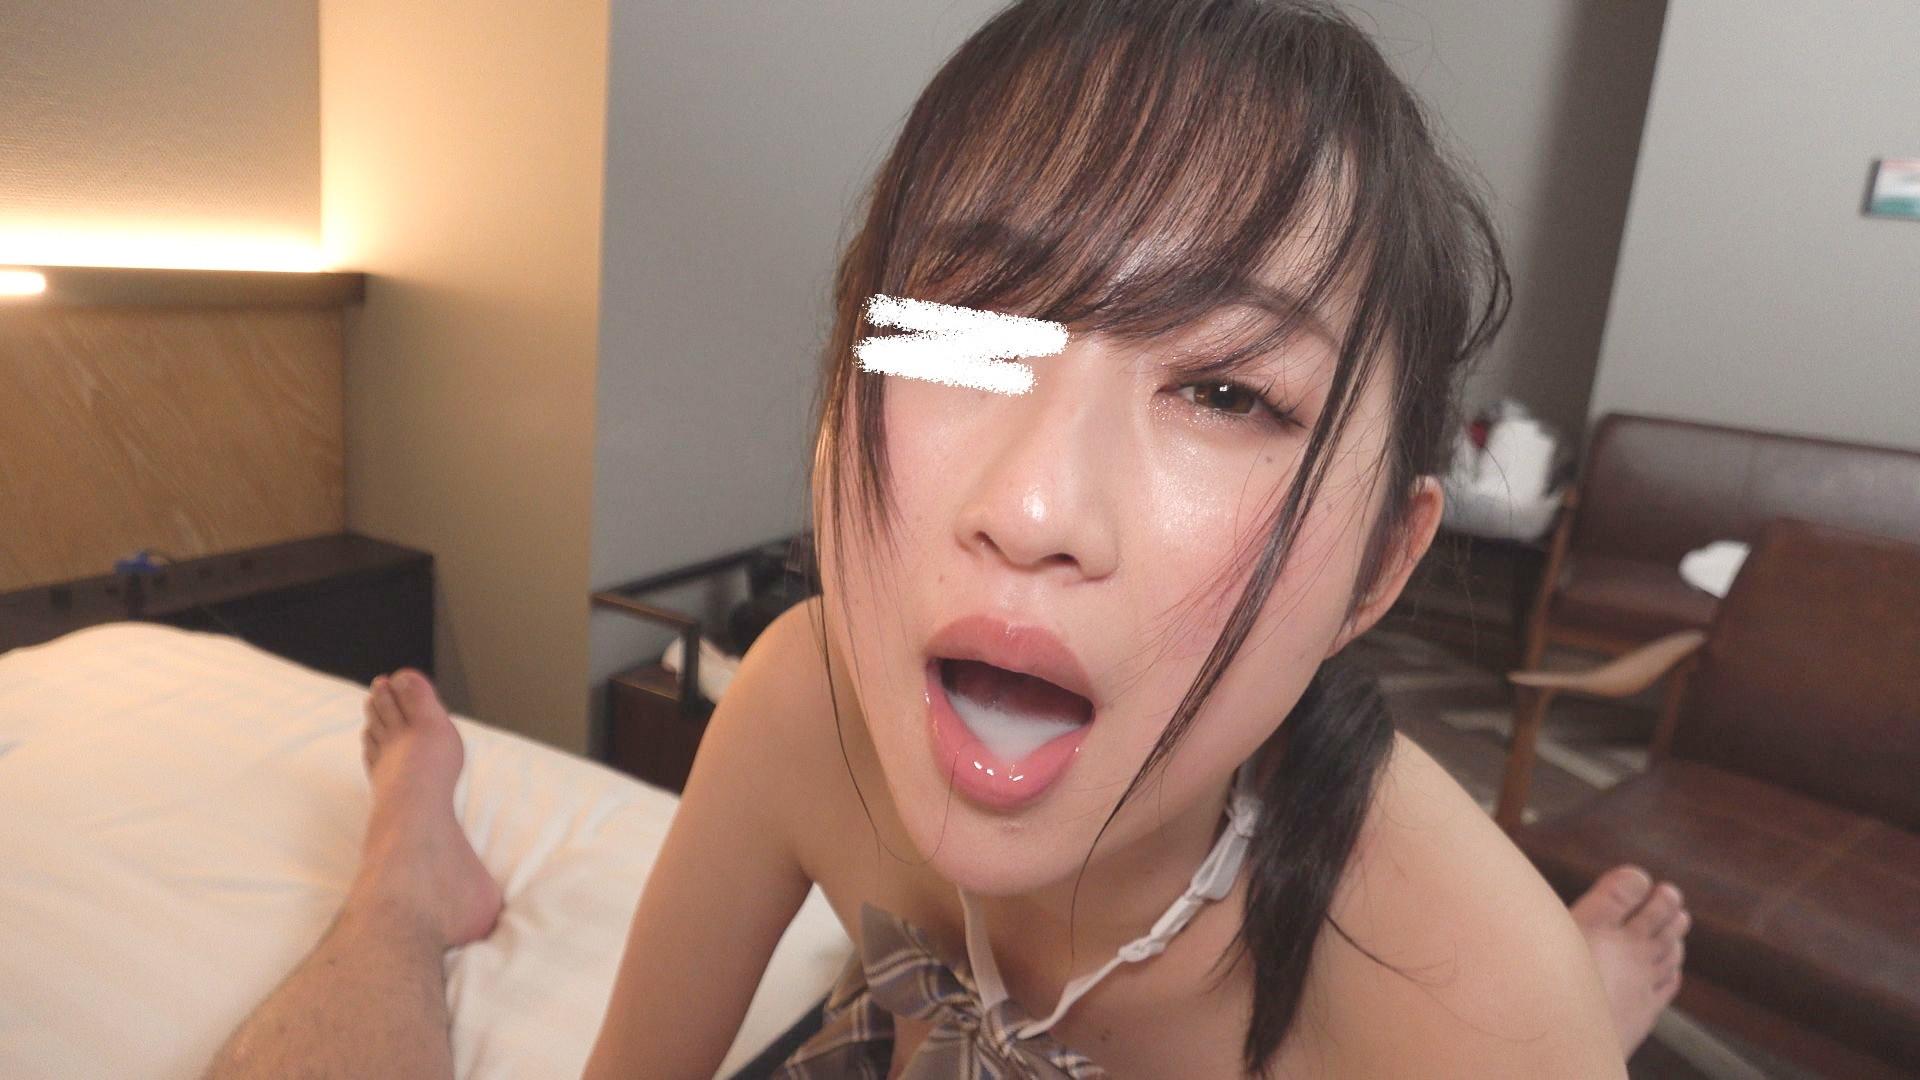 【個人撮影】訛りが可愛いスレンダーちっぱい東北娘と性交。精飲・初めてのデカチン体験【3射精】 画像6